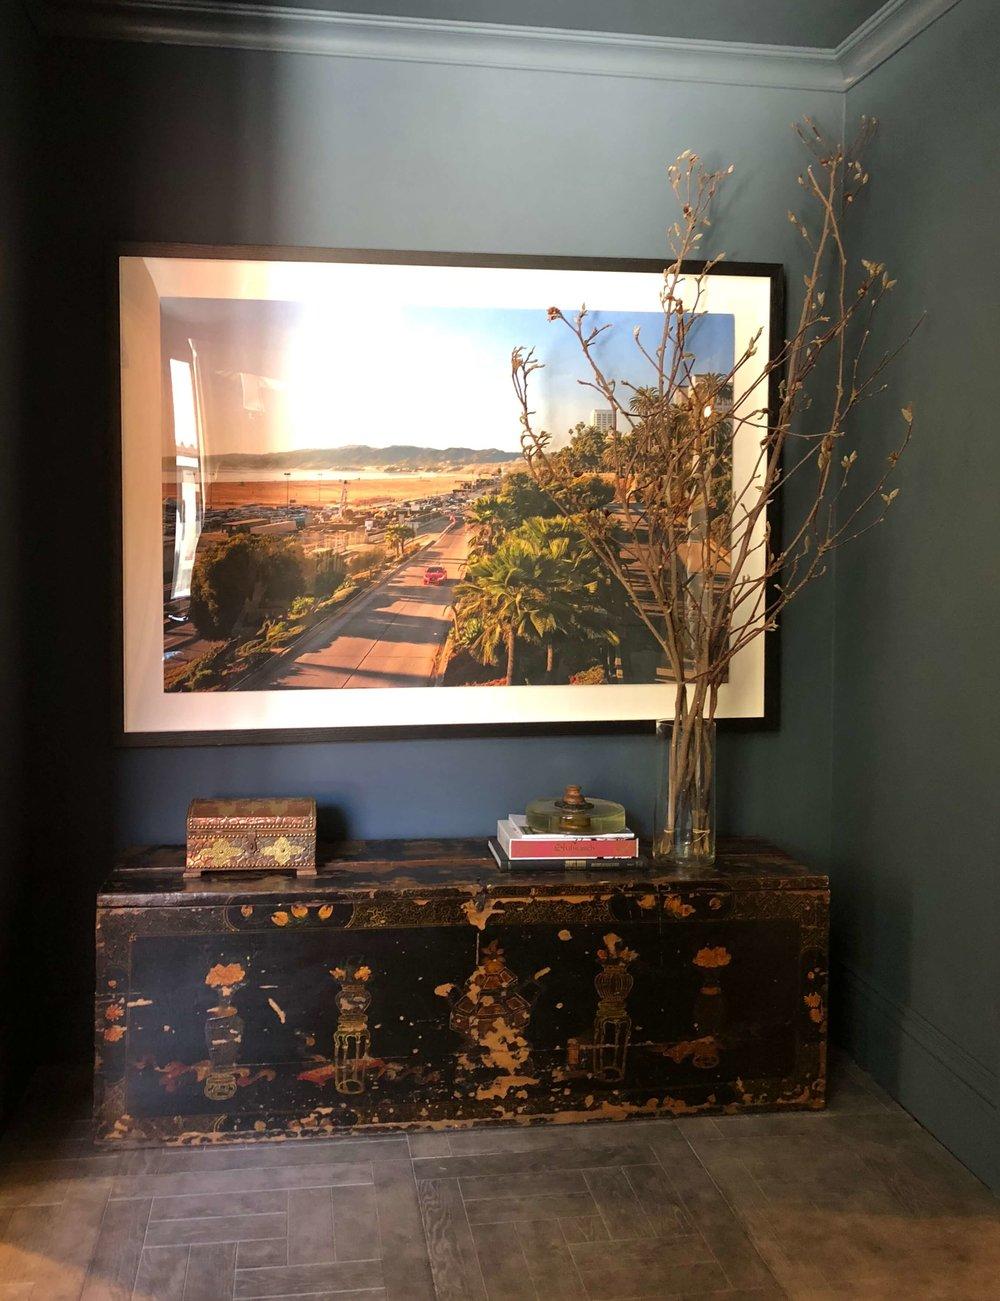 Photograph / photography / photo as art in interior design | Xander Noori, Designer, Pasadena Showcase House of Design